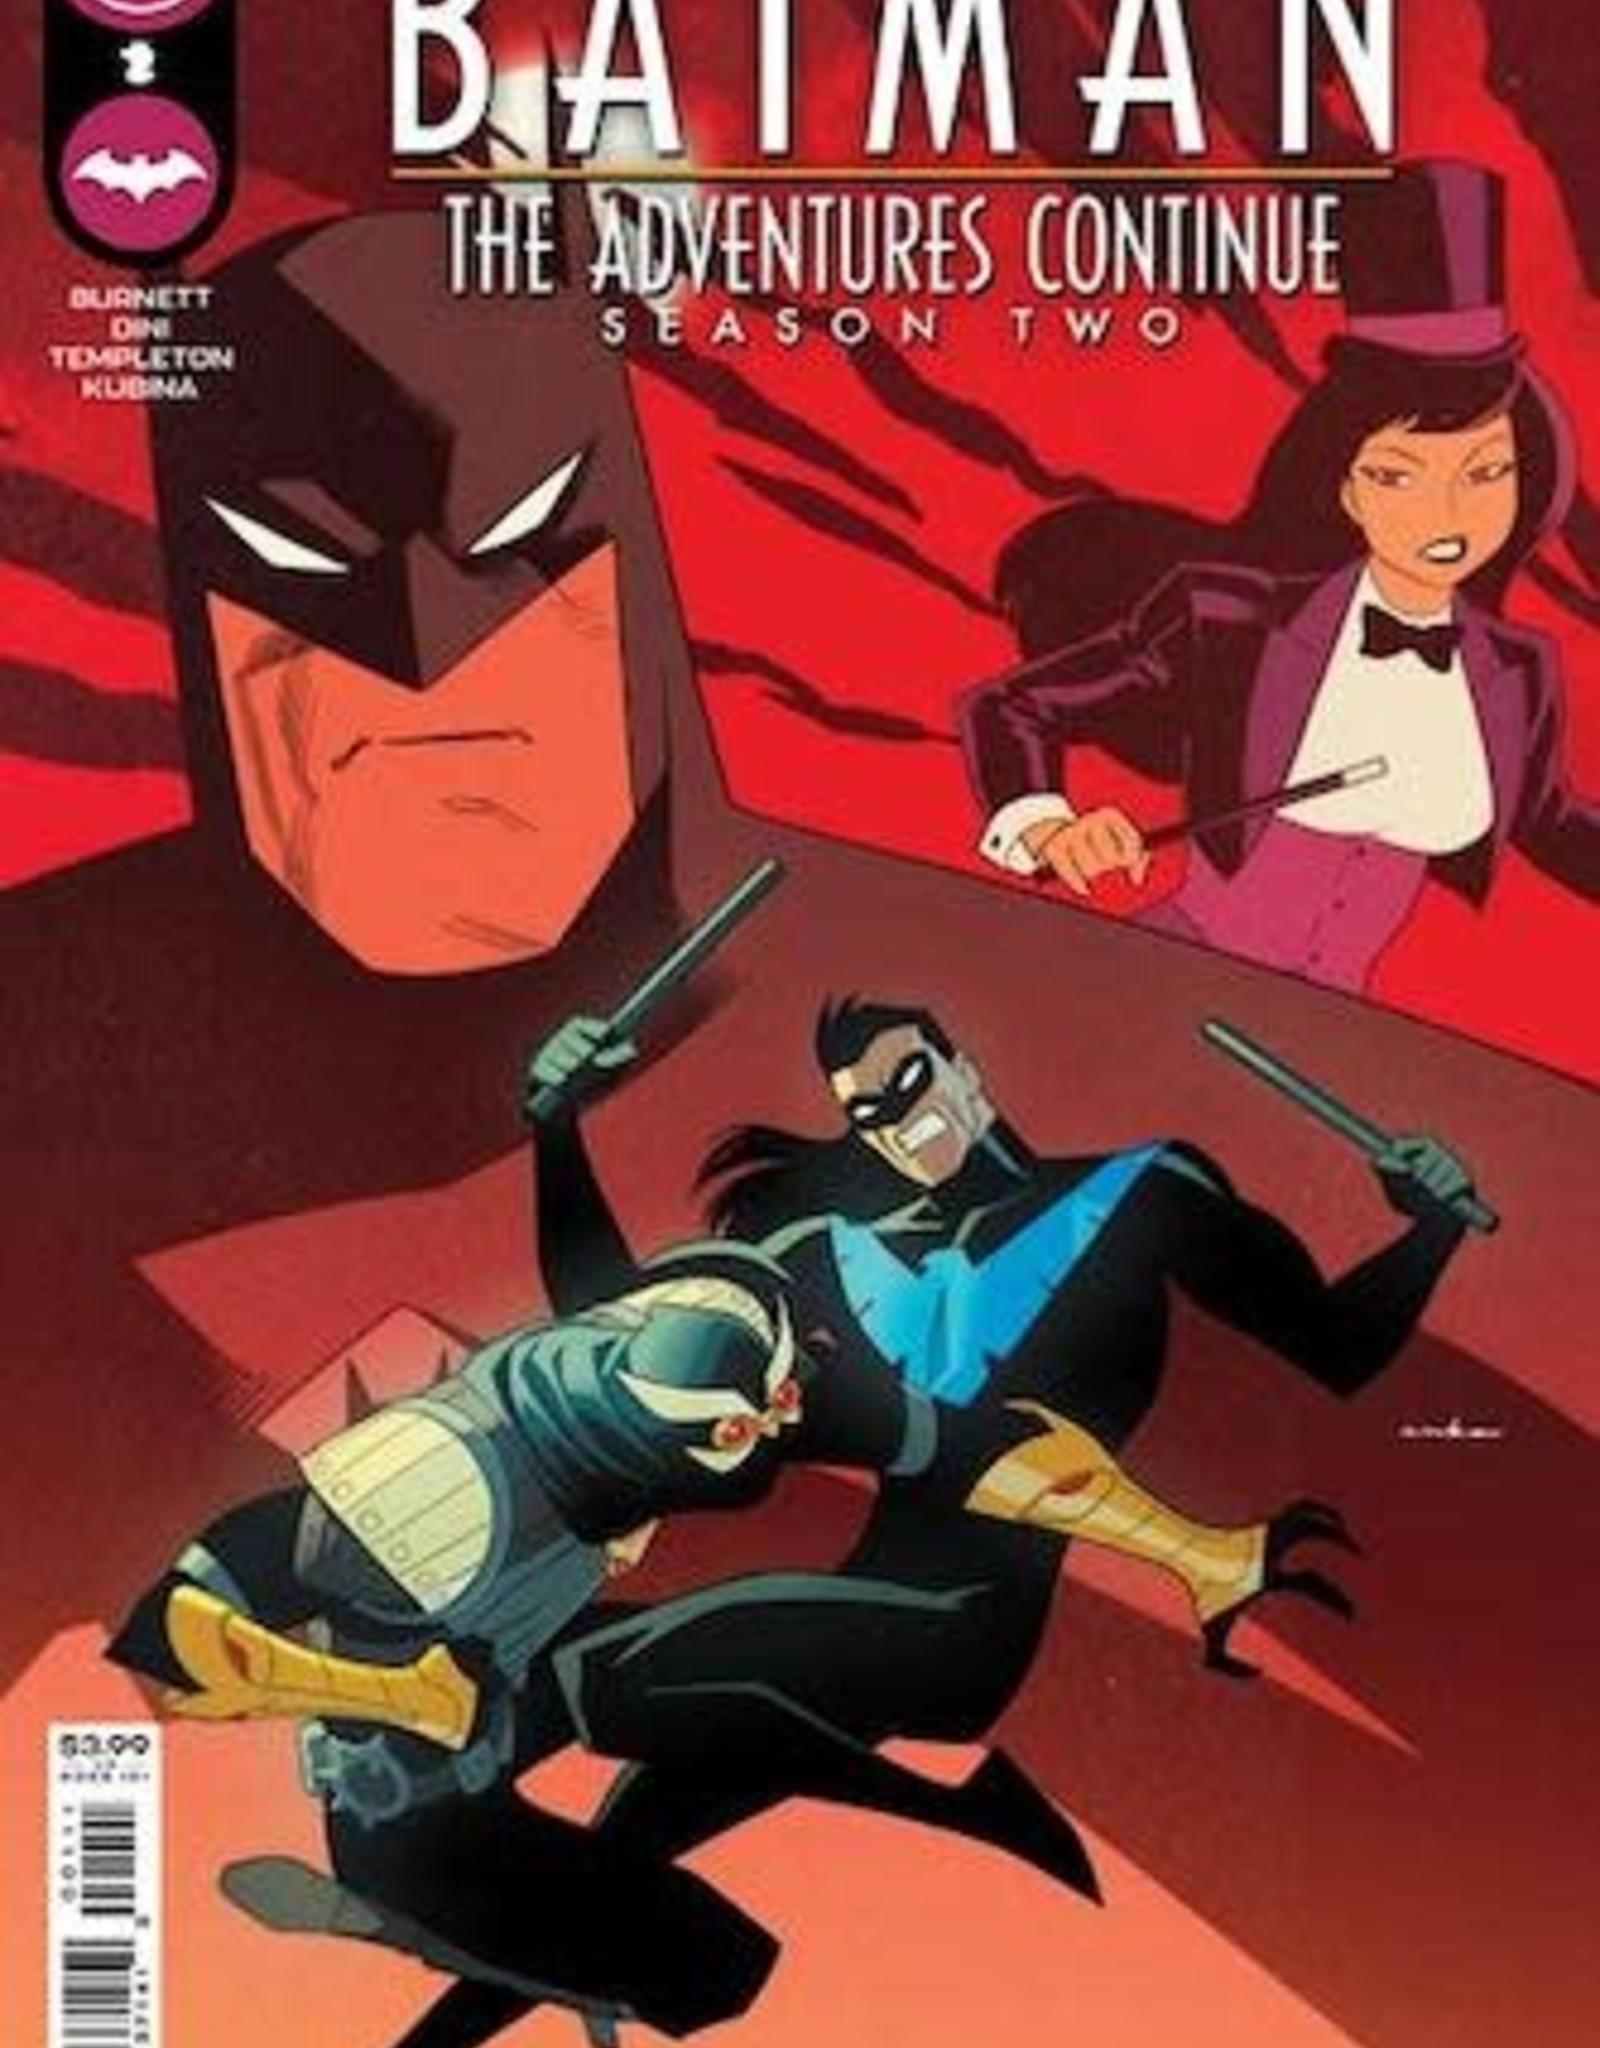 DC Comics Batman The Adventures Continue Season II #2 Cvr A Kris Anka